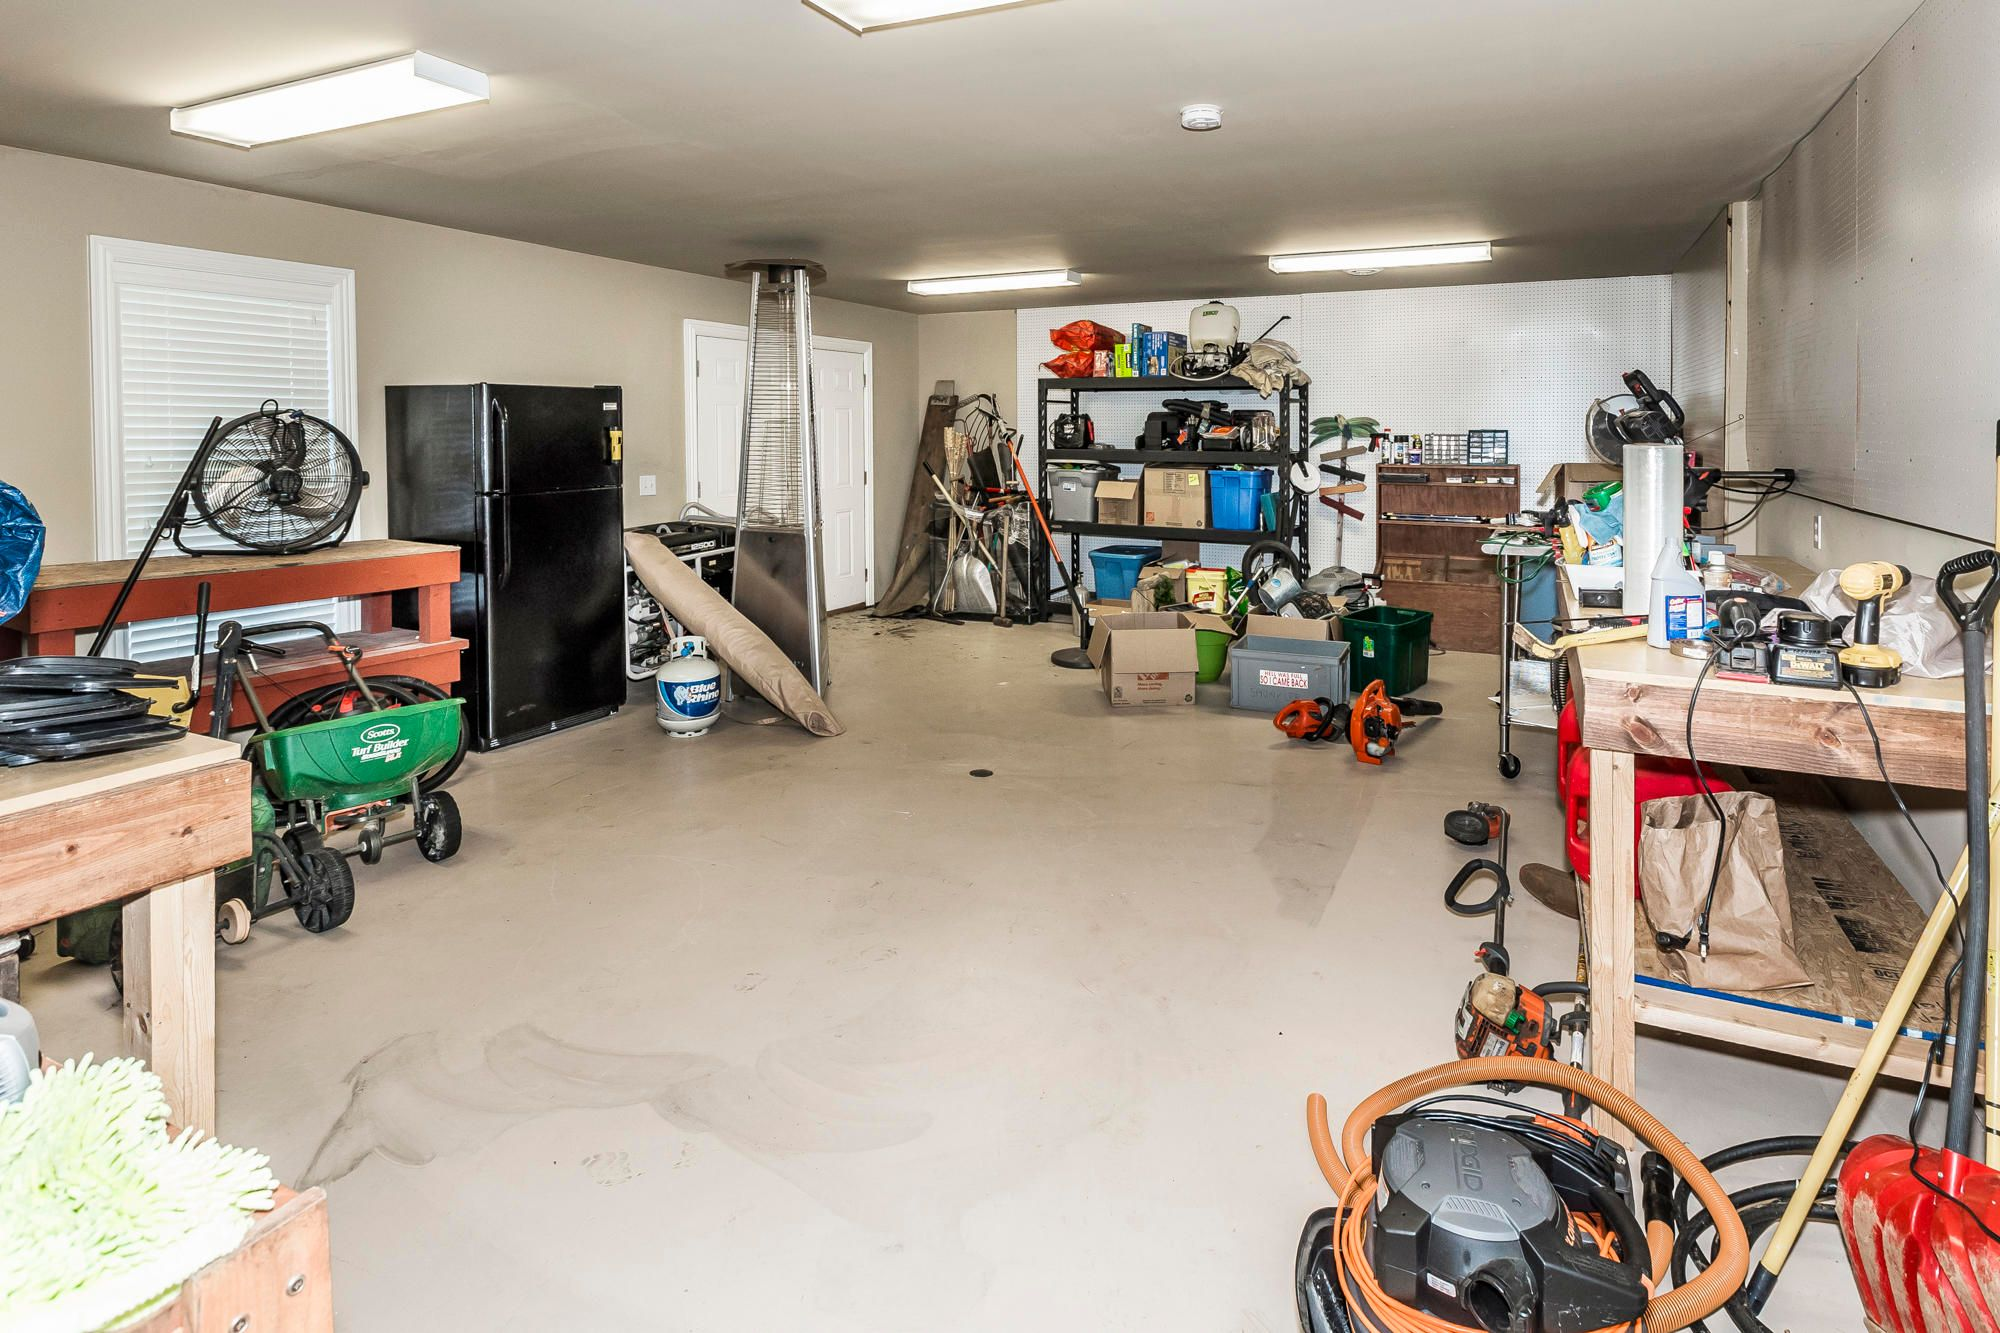 Finished workshop in basement